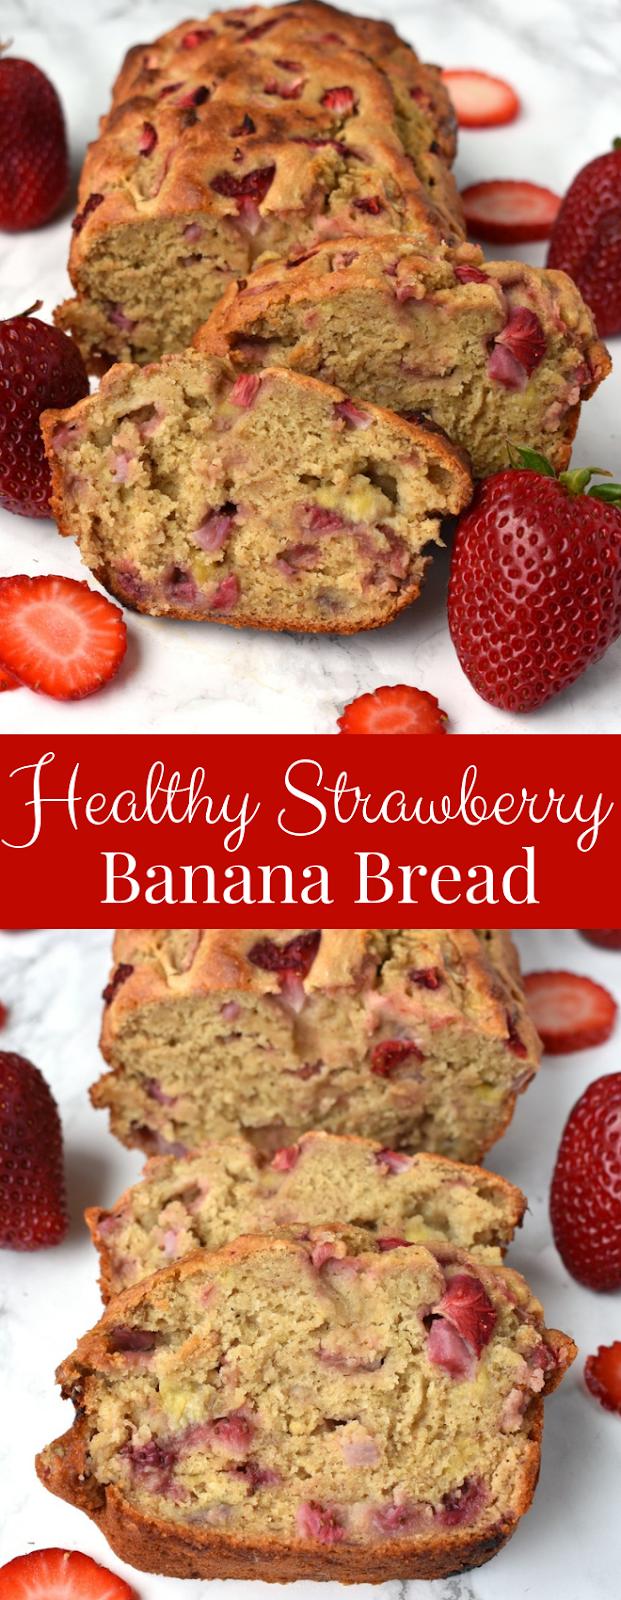 Healthy Strawberry Banana Bread recipe